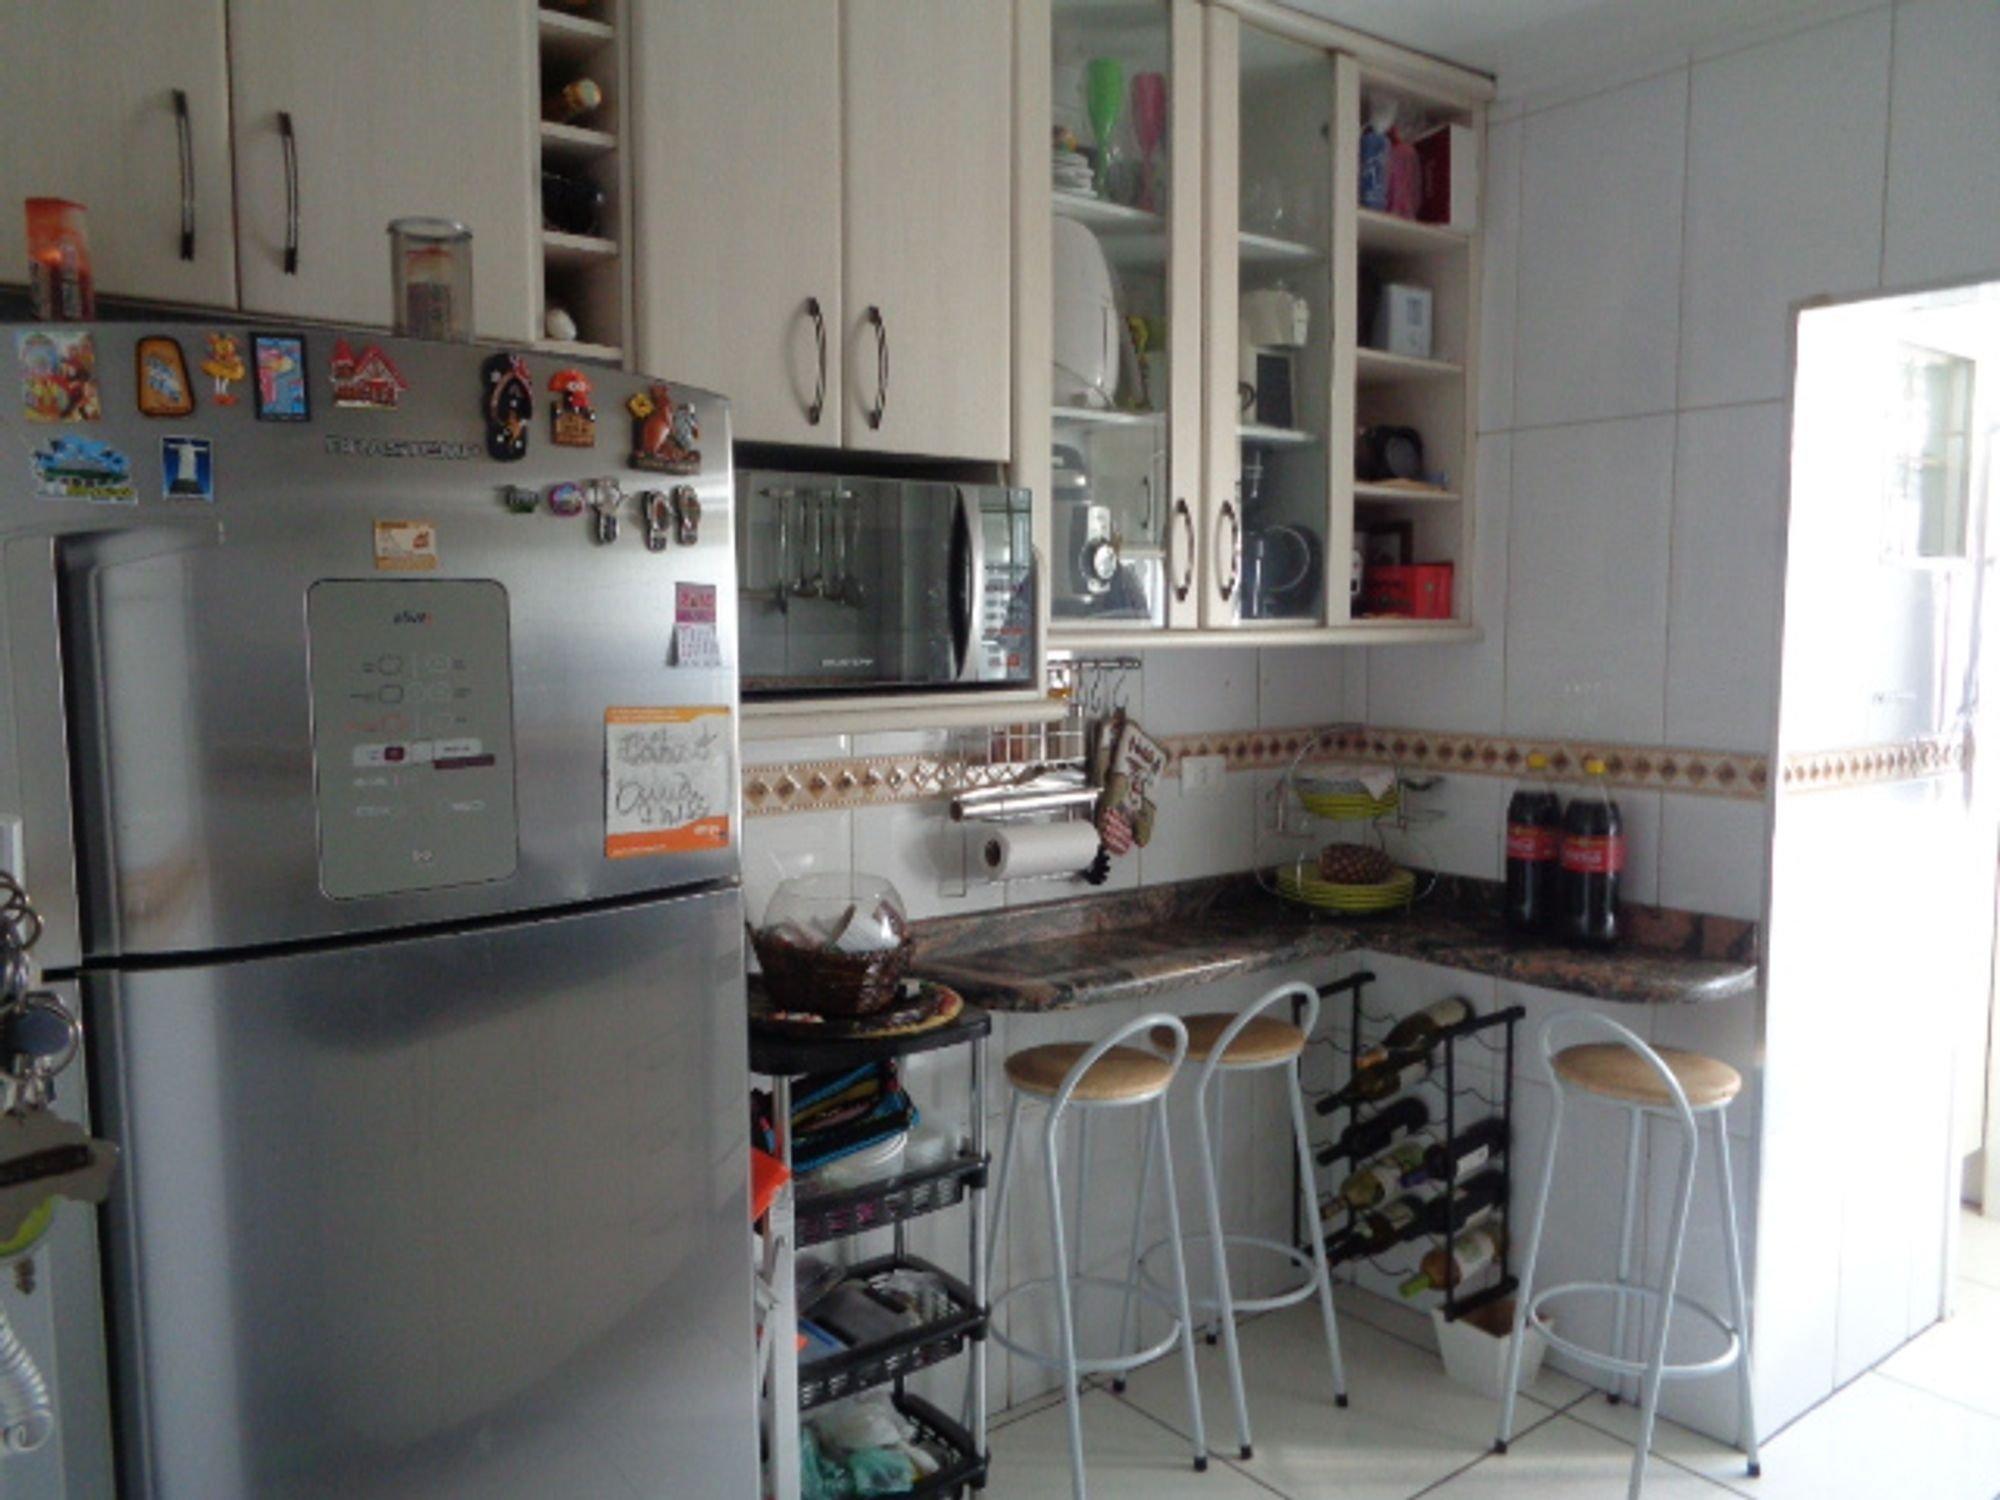 Foto de Cozinha com garrafa, geladeira, cadeira, pia, xícara